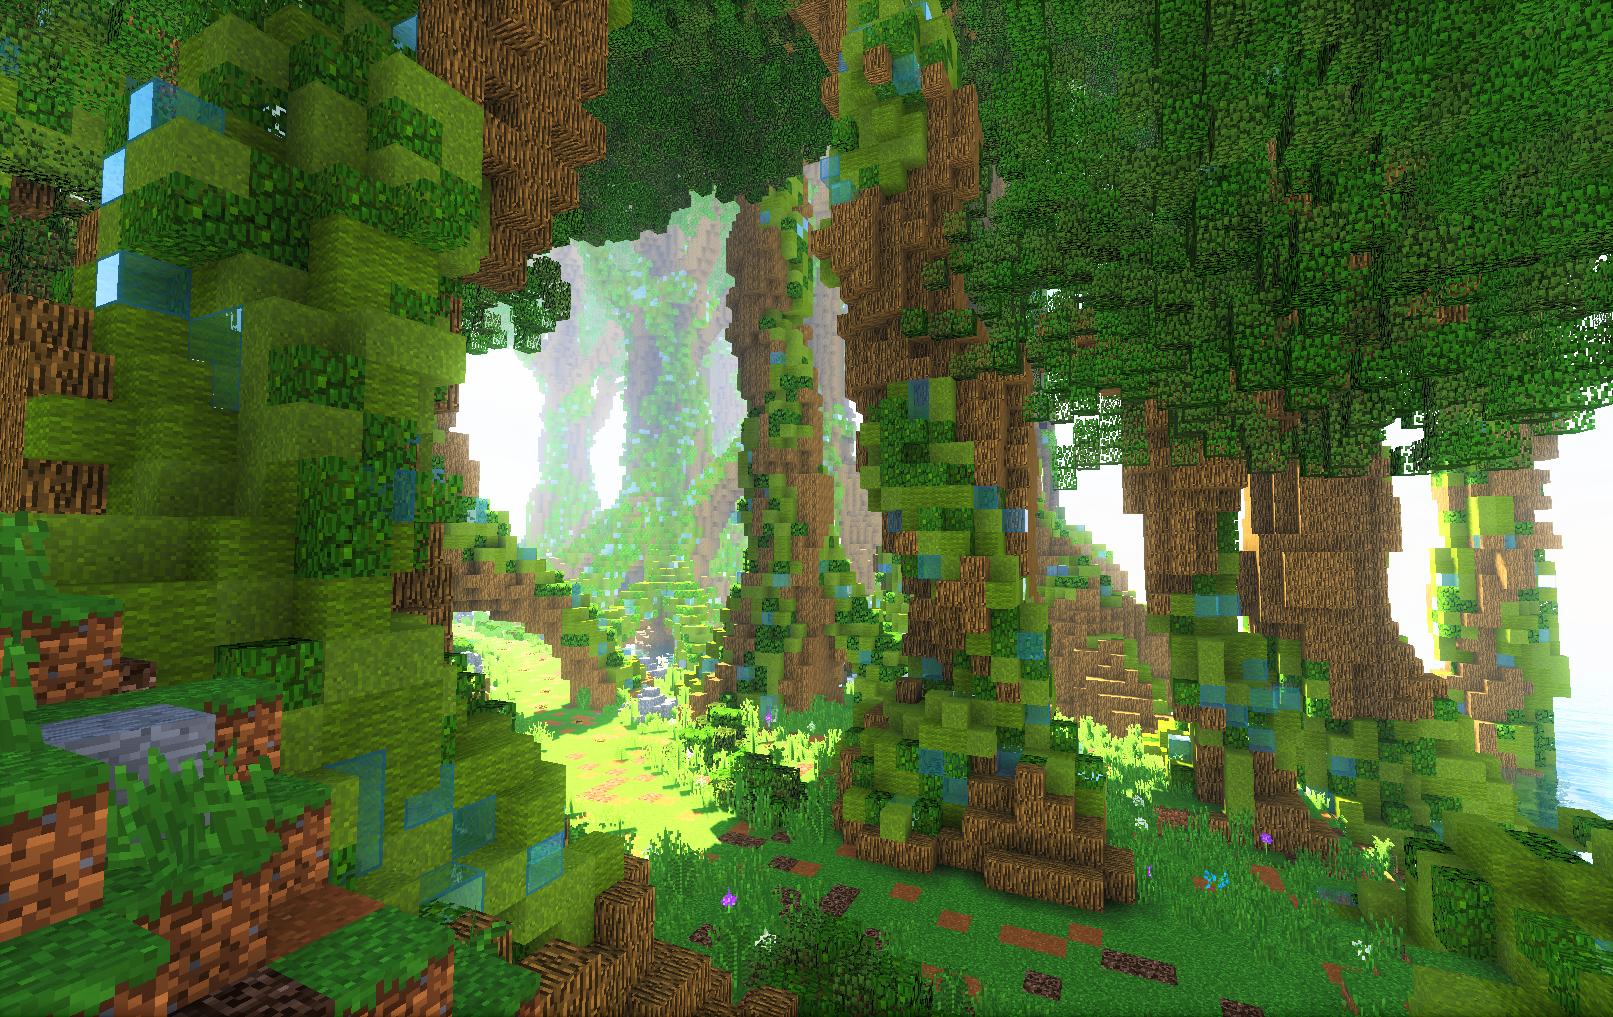 シシ神の森6.png